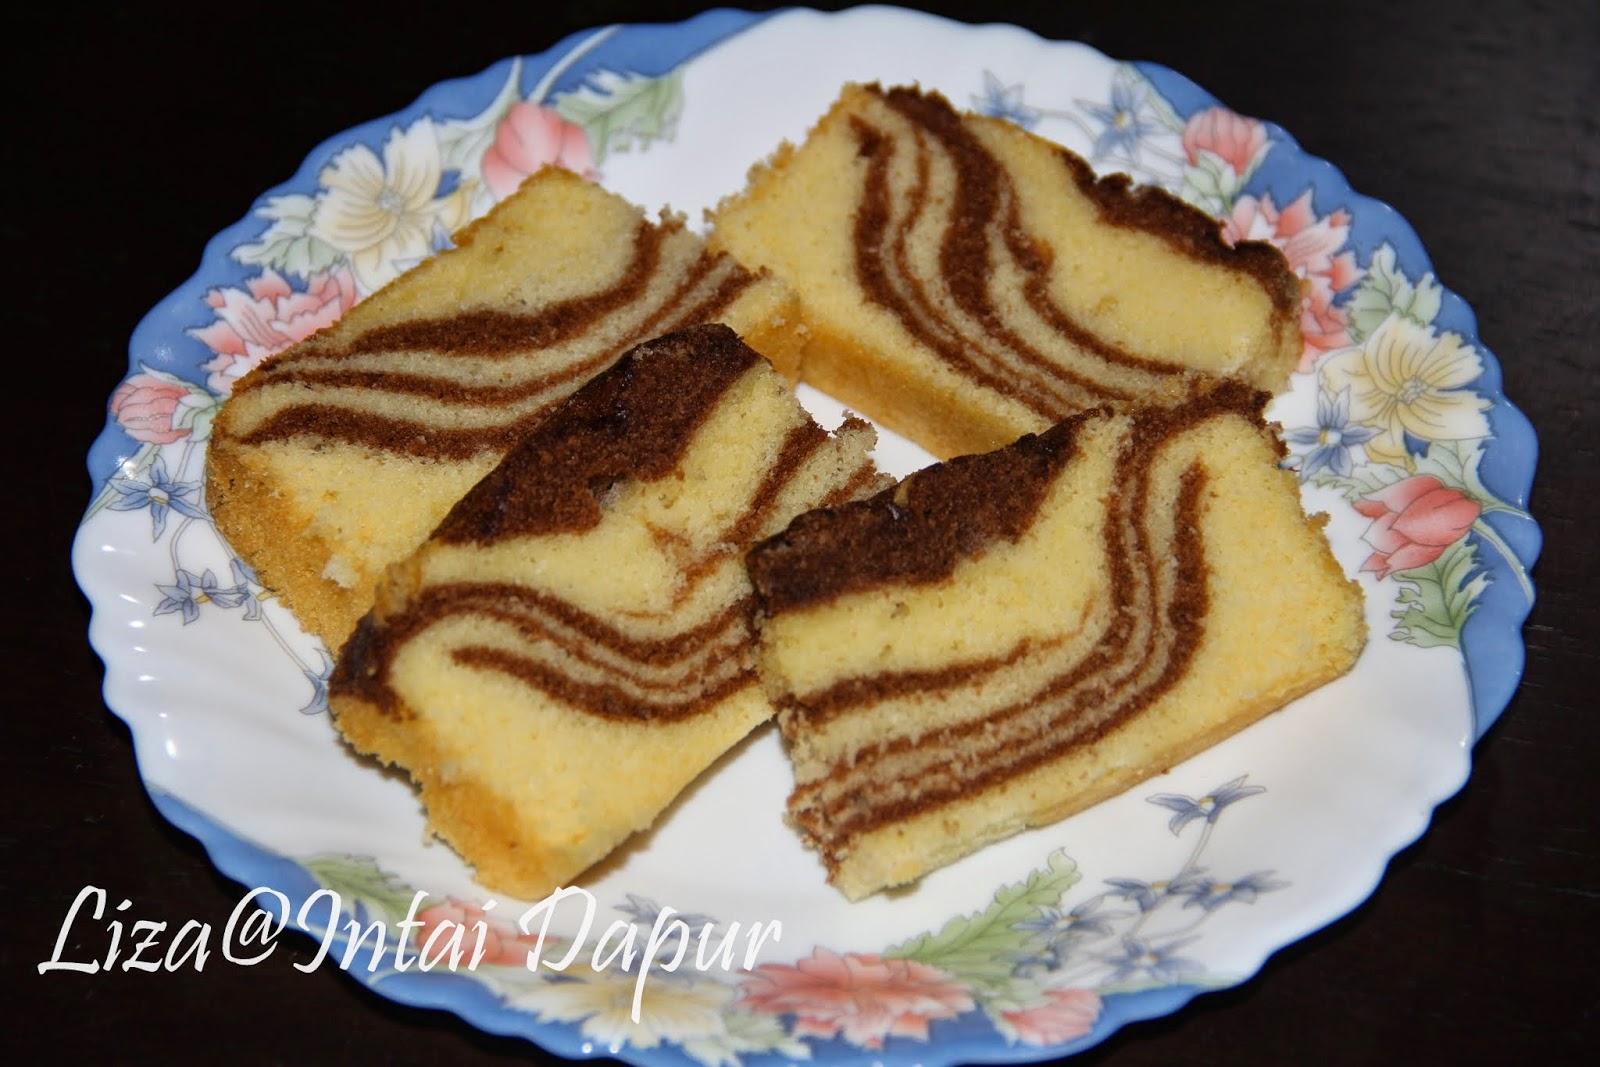 intai dapur kek marble susu Resepi Kek Guna Gelatin Enak dan Mudah